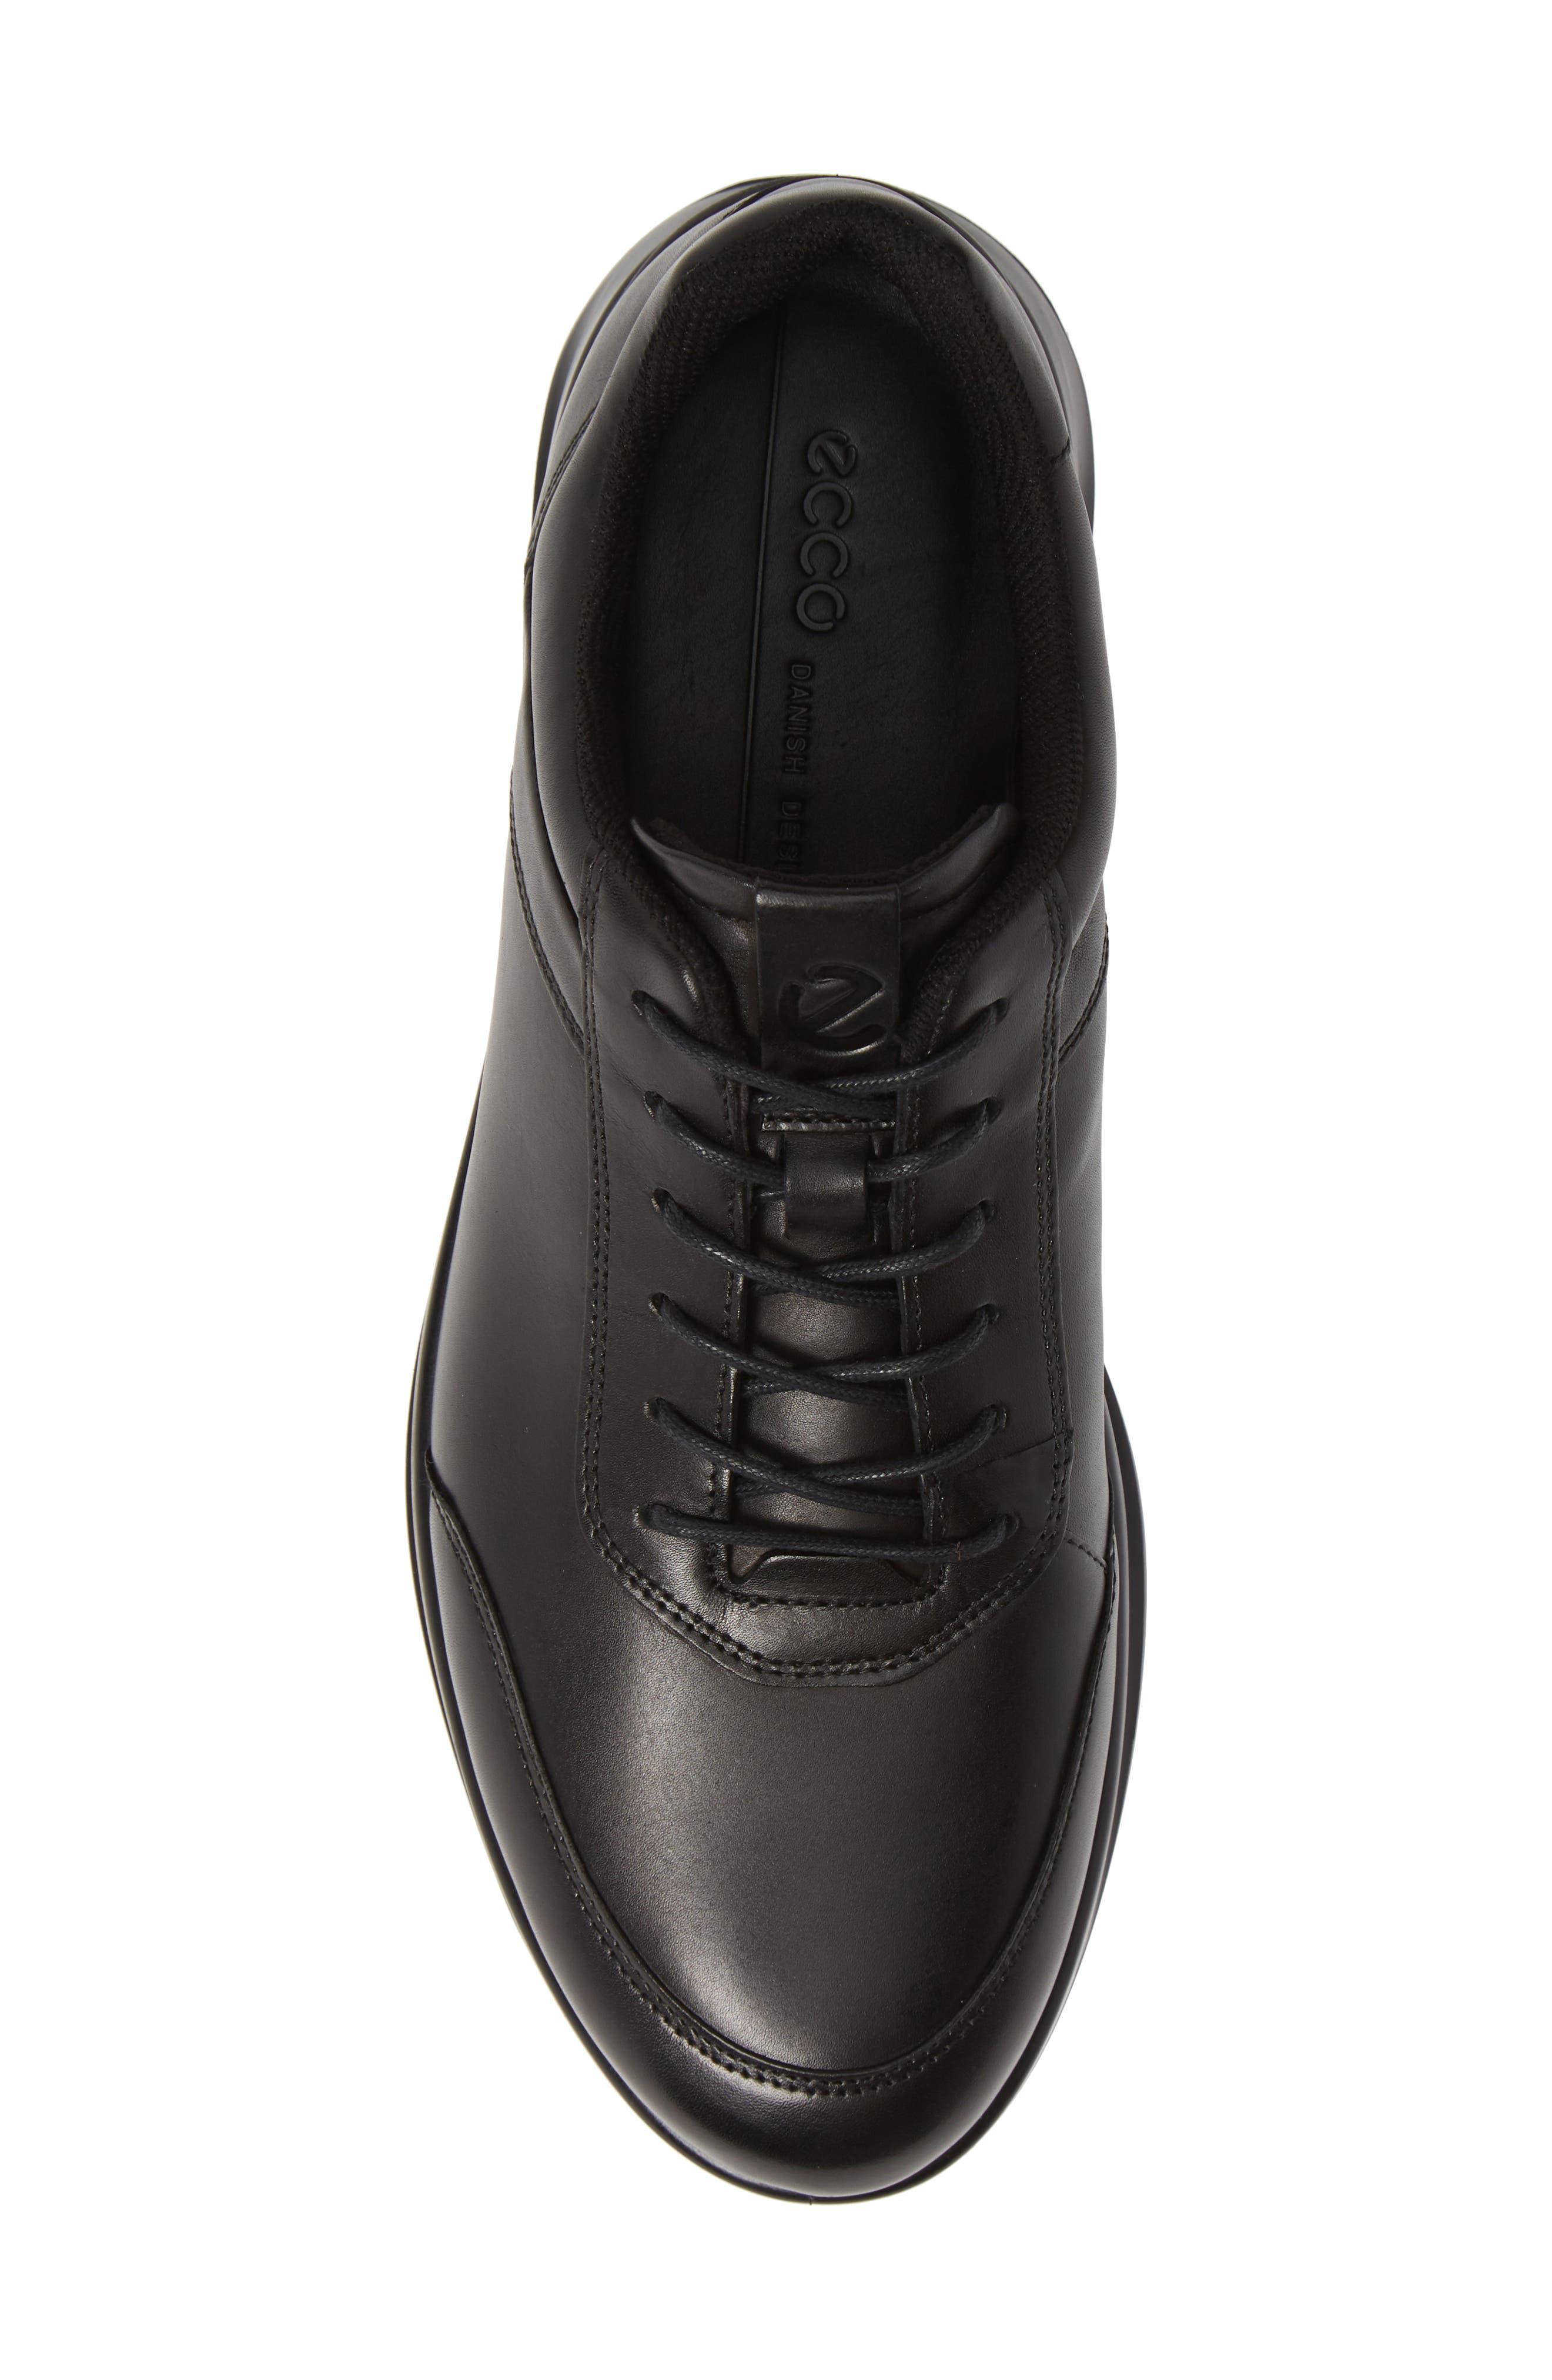 Aquet Low Top Sneaker,                             Alternate thumbnail 5, color,                             BLACK LEATHER